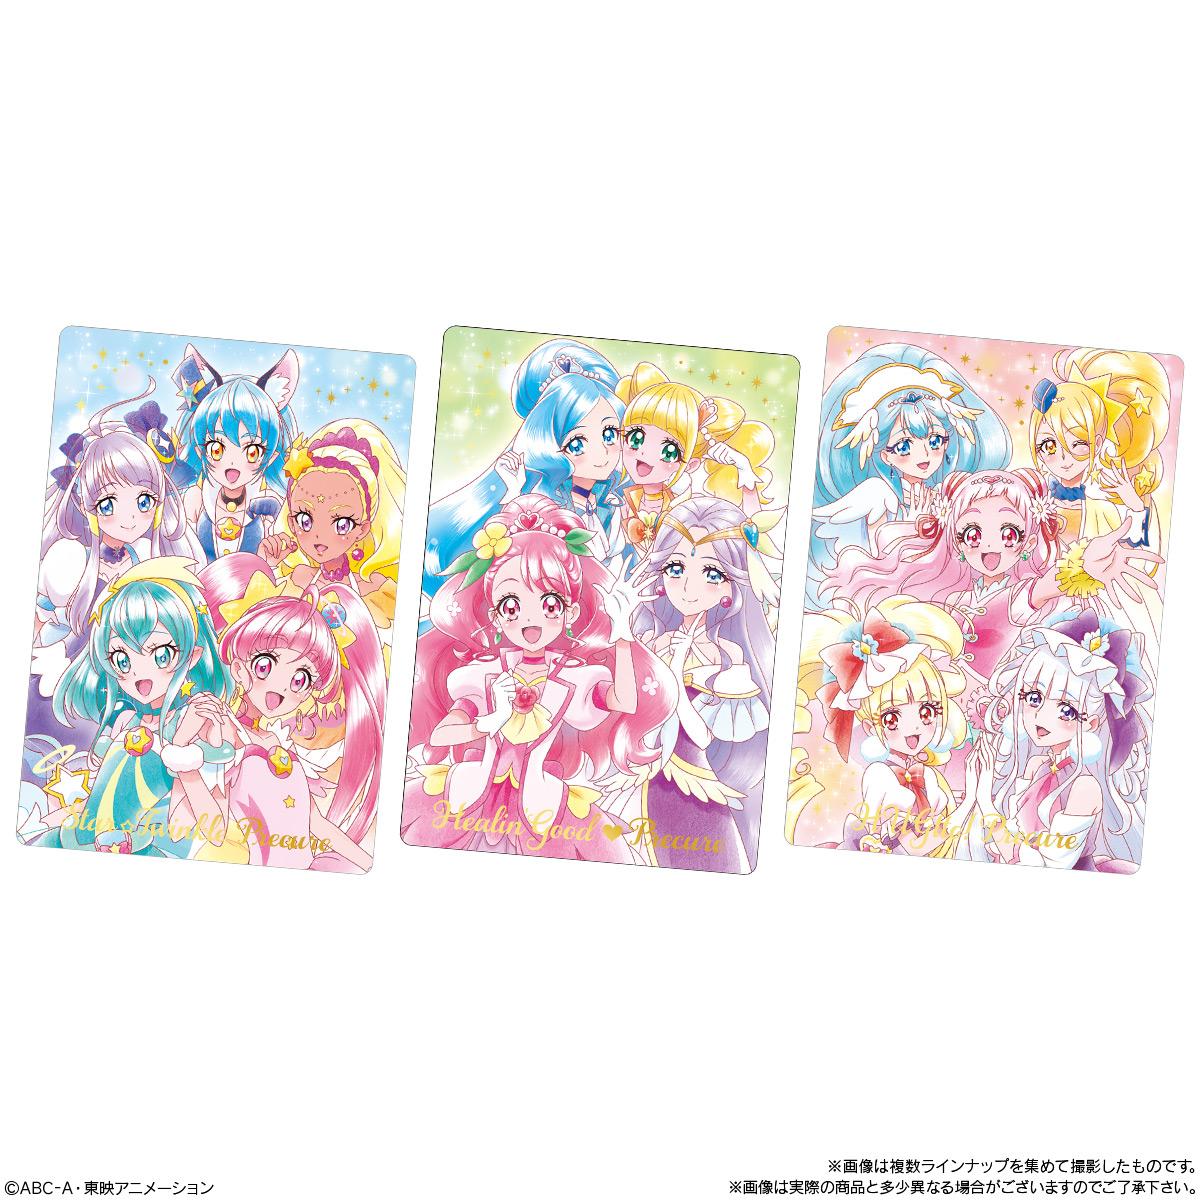 【食玩】プリキュア『プリキュア カードウエハース』20個入りBOX-005